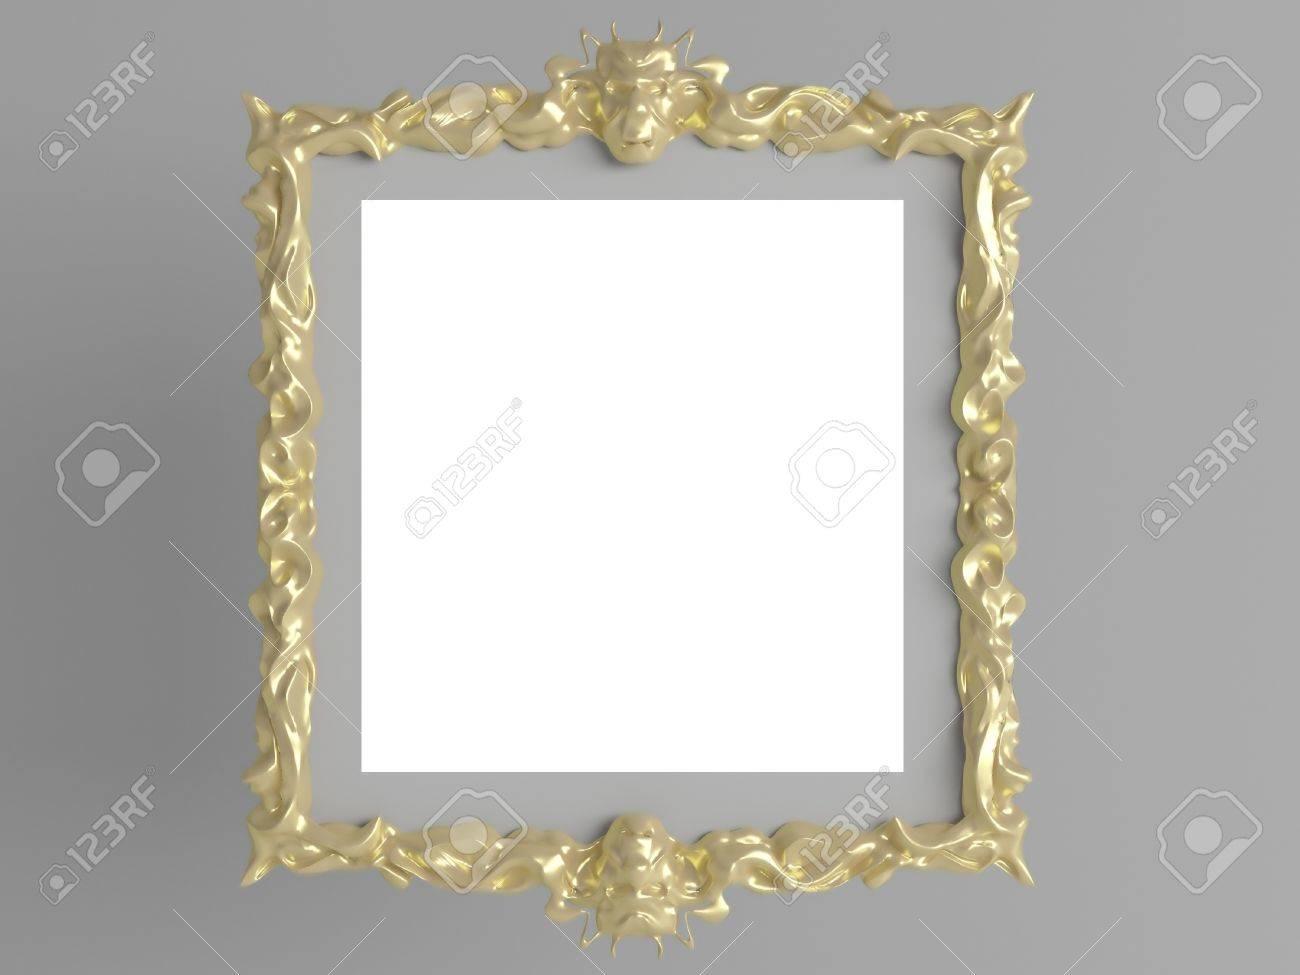 Decoración De Oro De época Vacía Marco De Imagen Pared Inserte Su ...